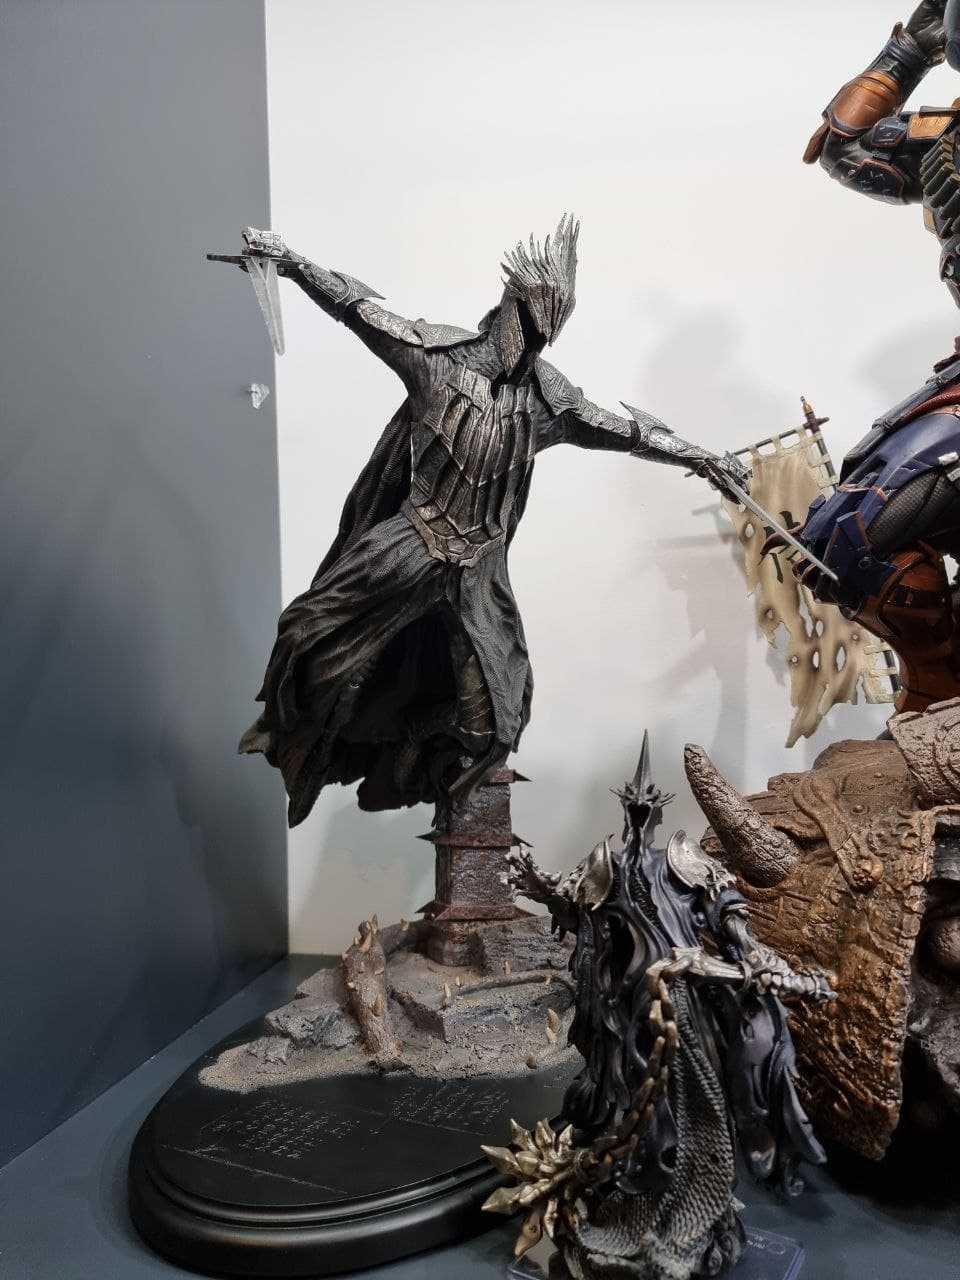 این مجسمه ویچ کینگ برای هابیته دوست دارین یه مقاله هم راجع به هابیت بنویسم؟